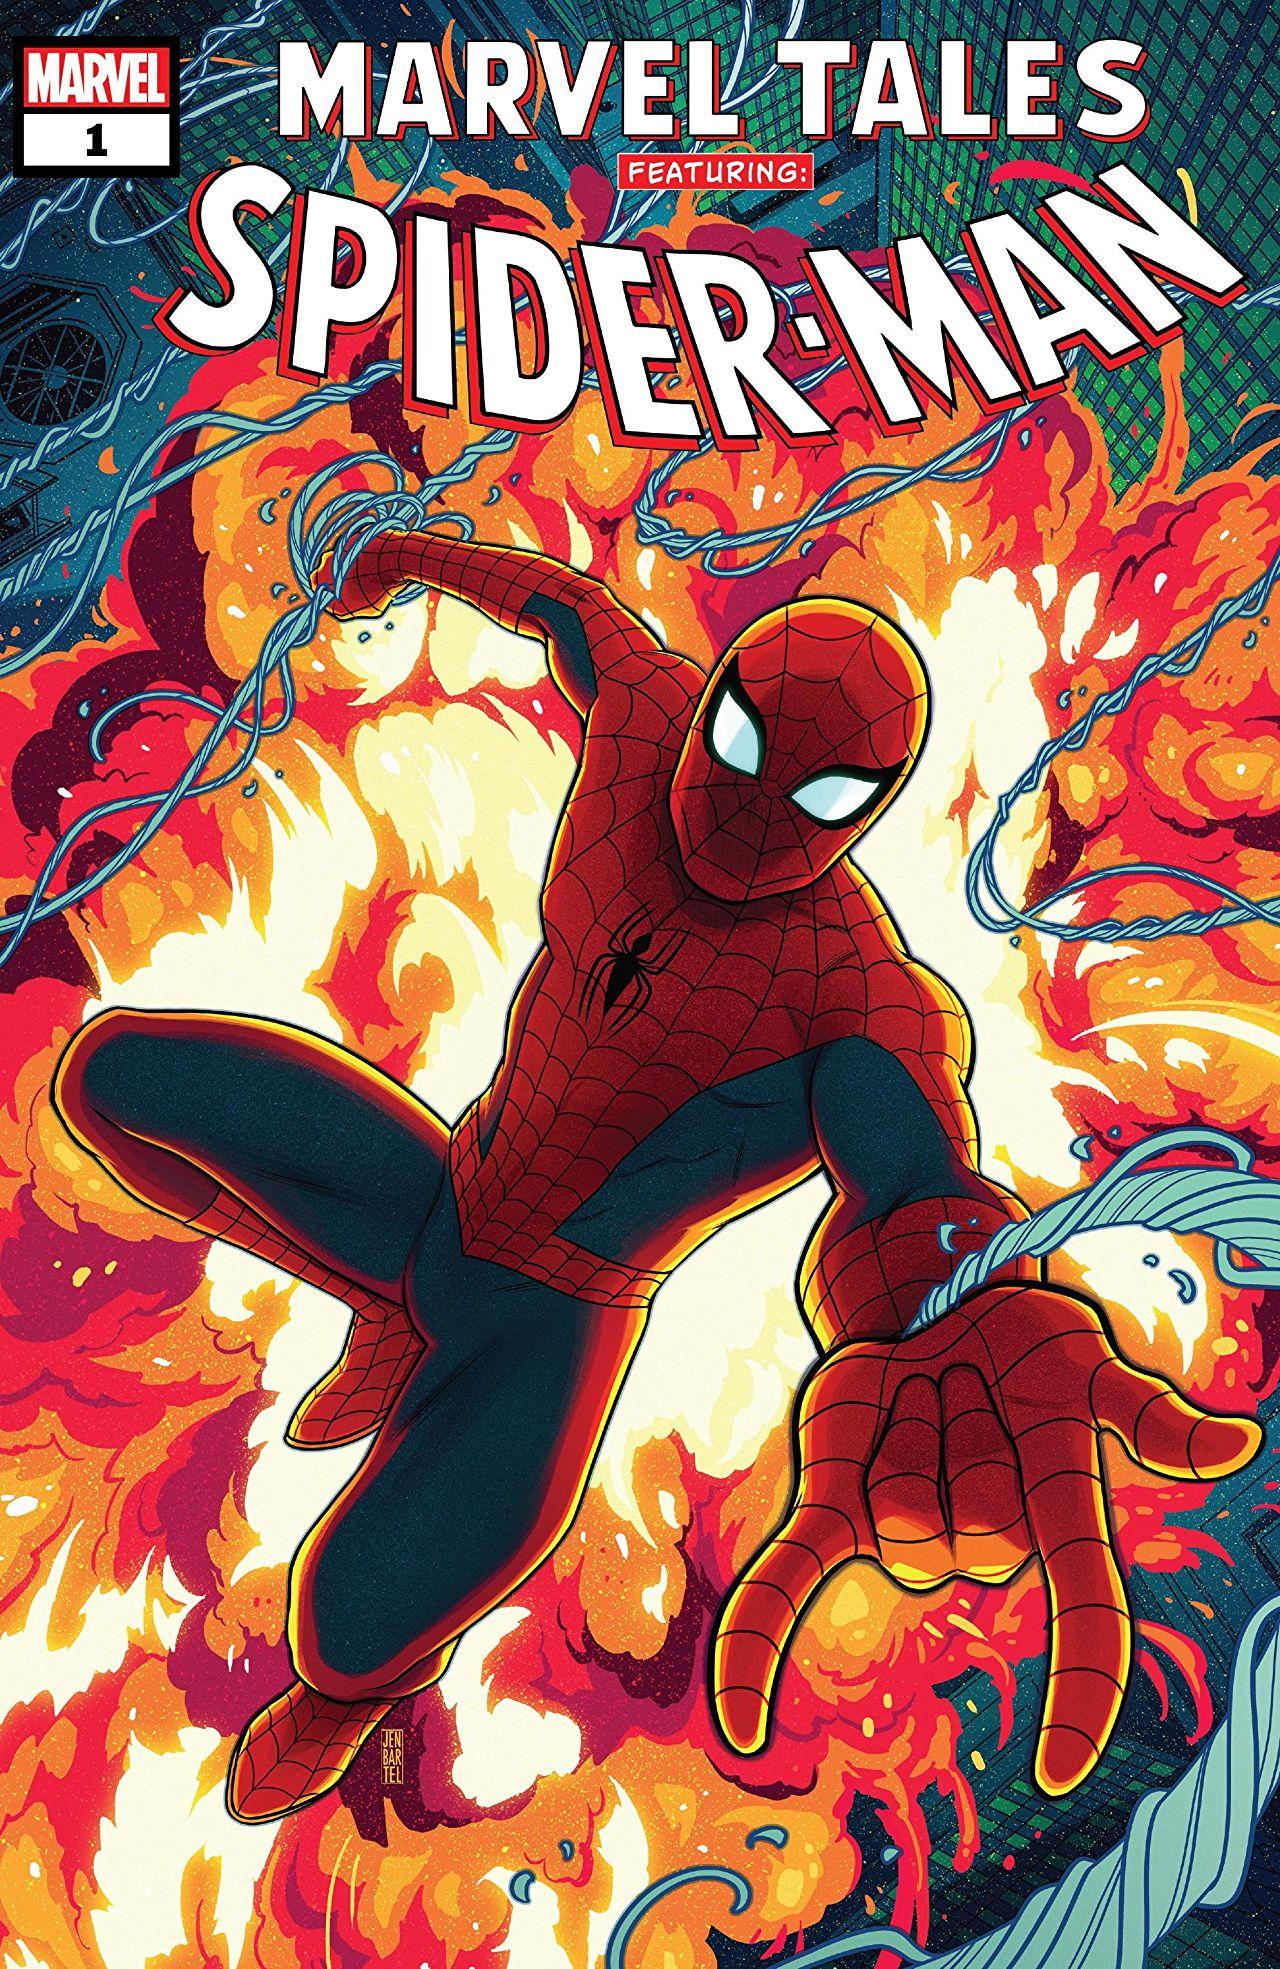 Marvel Tales: Spider-Man Vol 1